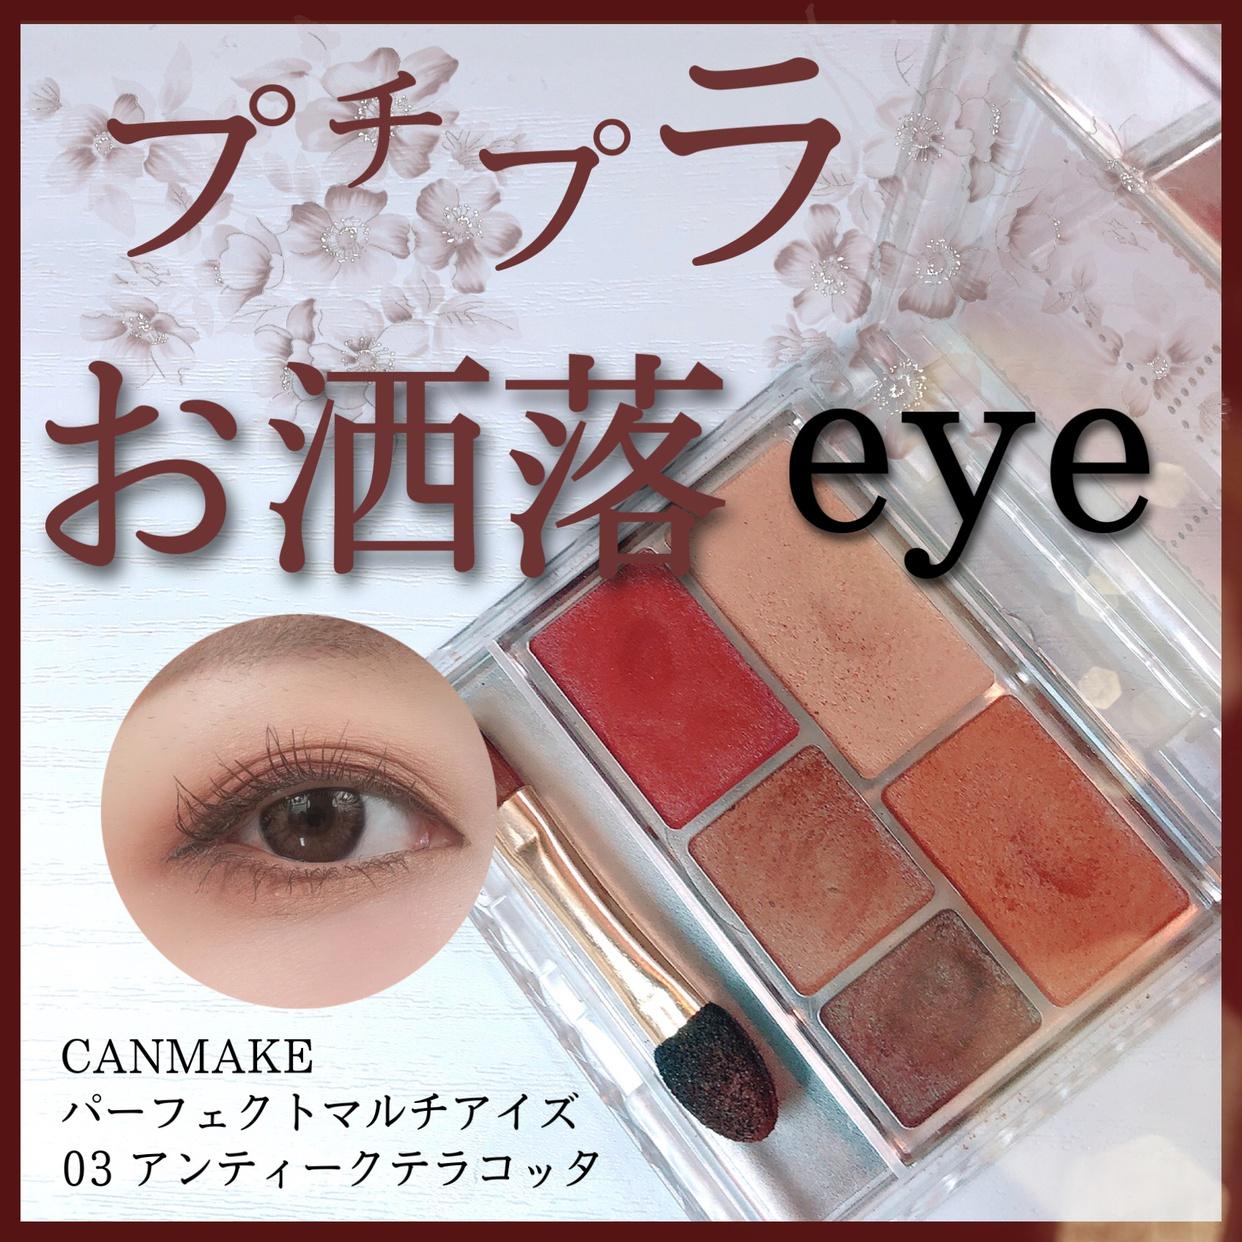 CANMAKE(キャンメイク) パーフェクトマルチアイズを使ったsachikoさんのクチコミ画像1